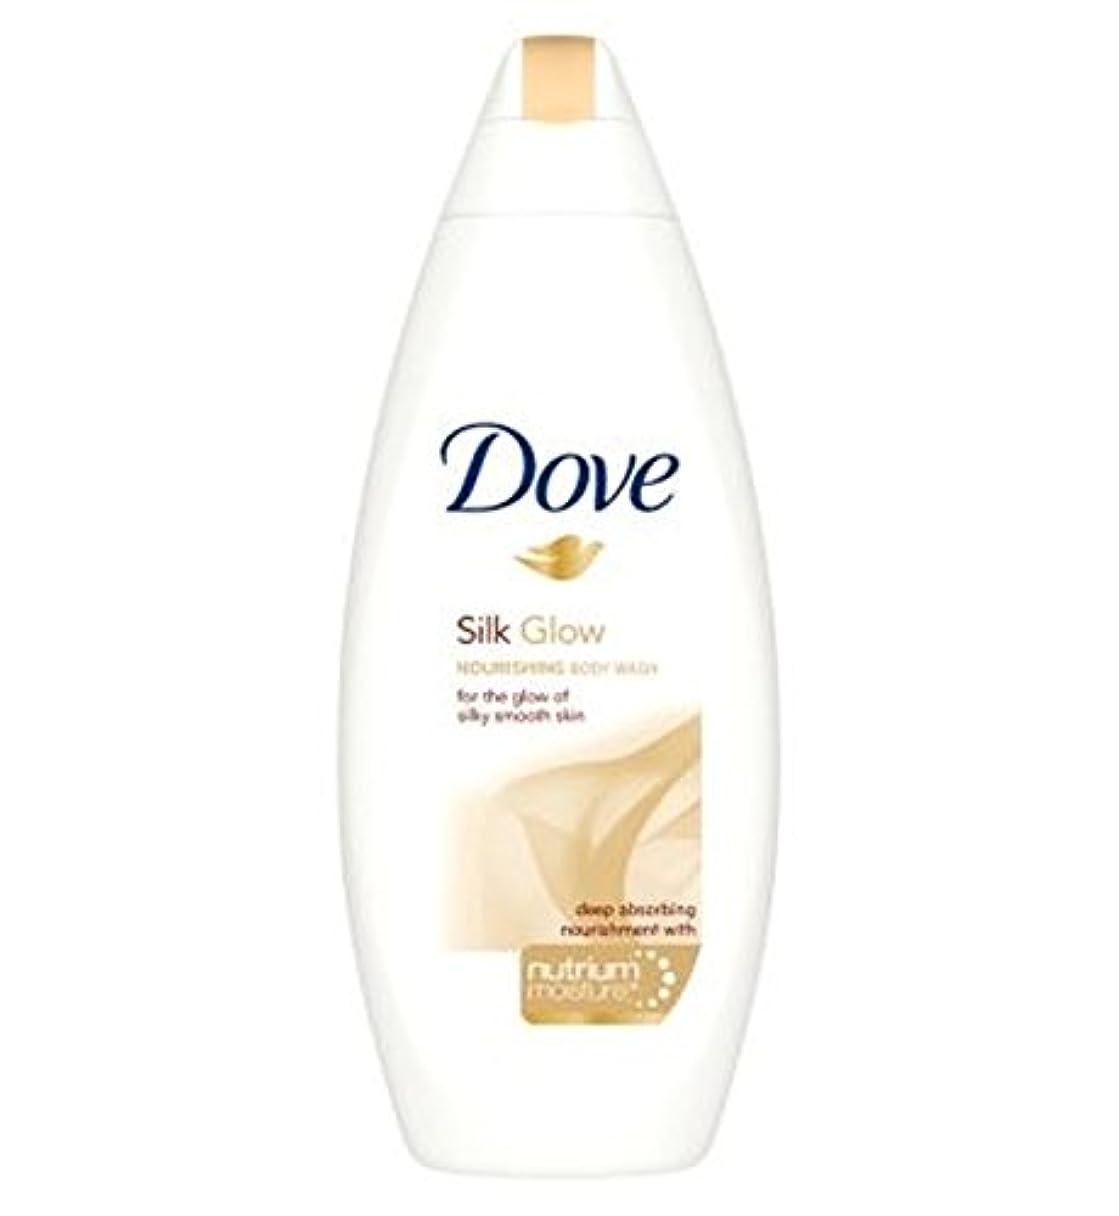 思い出楽しませるシーズン鳩シルクボディウォッシュ500ミリリットル (Dove) (x2) - Dove Silk body wash 500ml (Pack of 2) [並行輸入品]